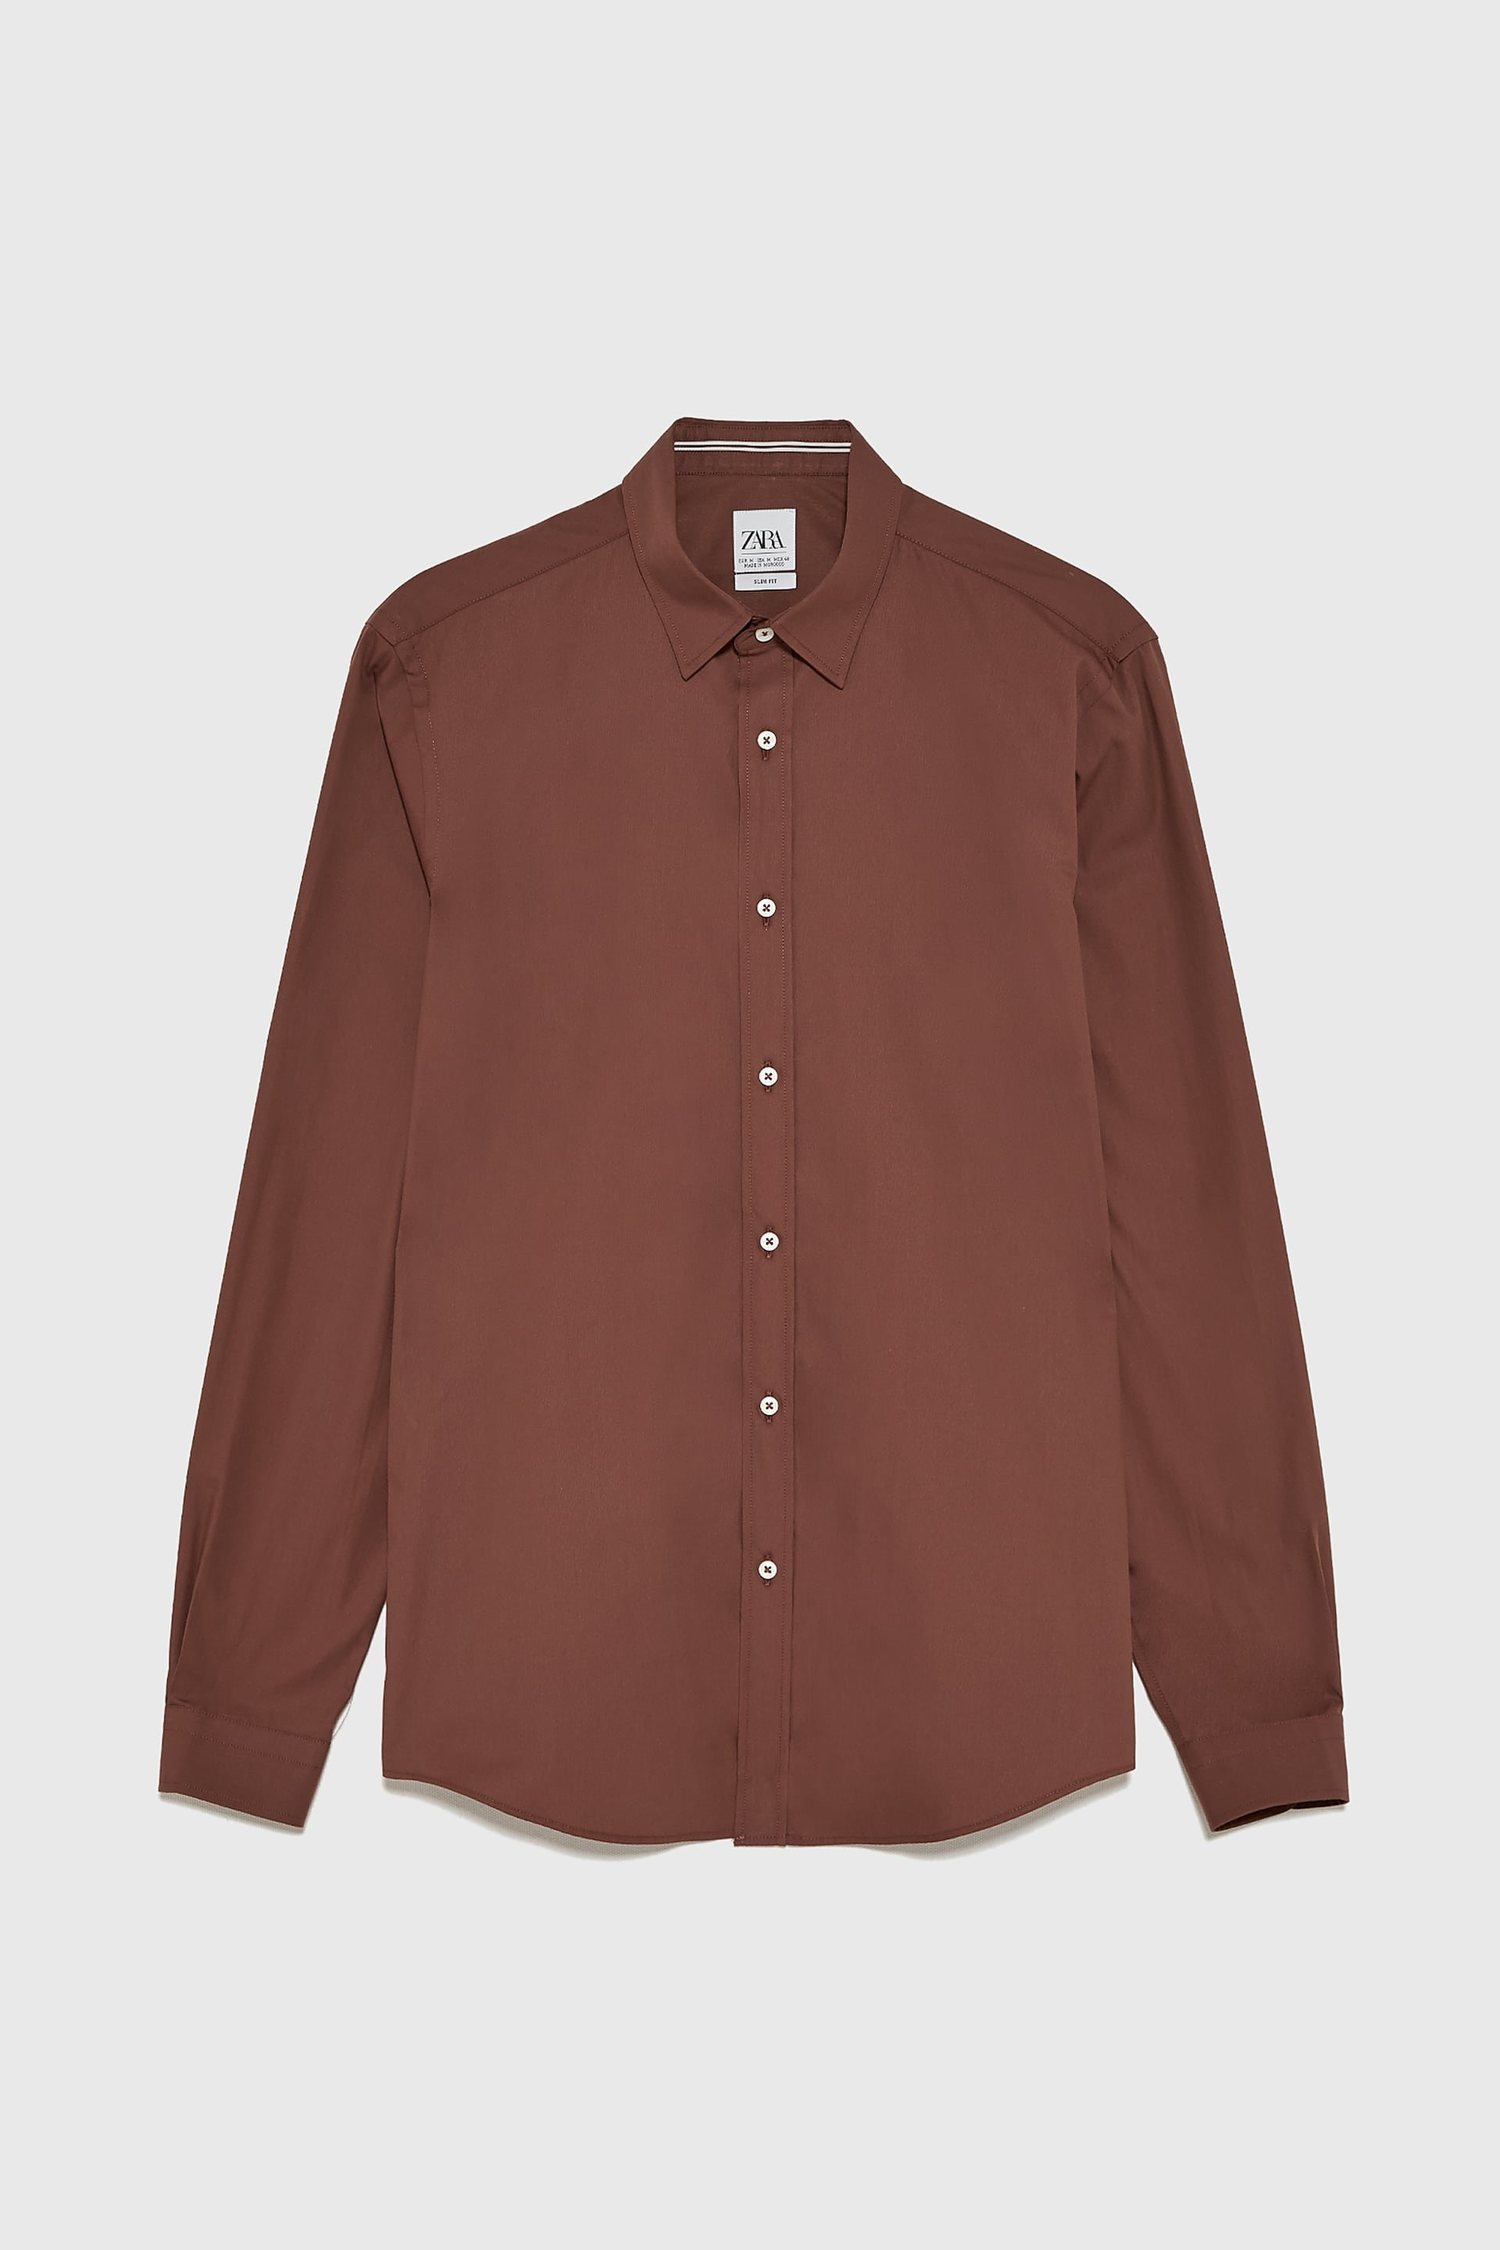 Camisa Poplin.